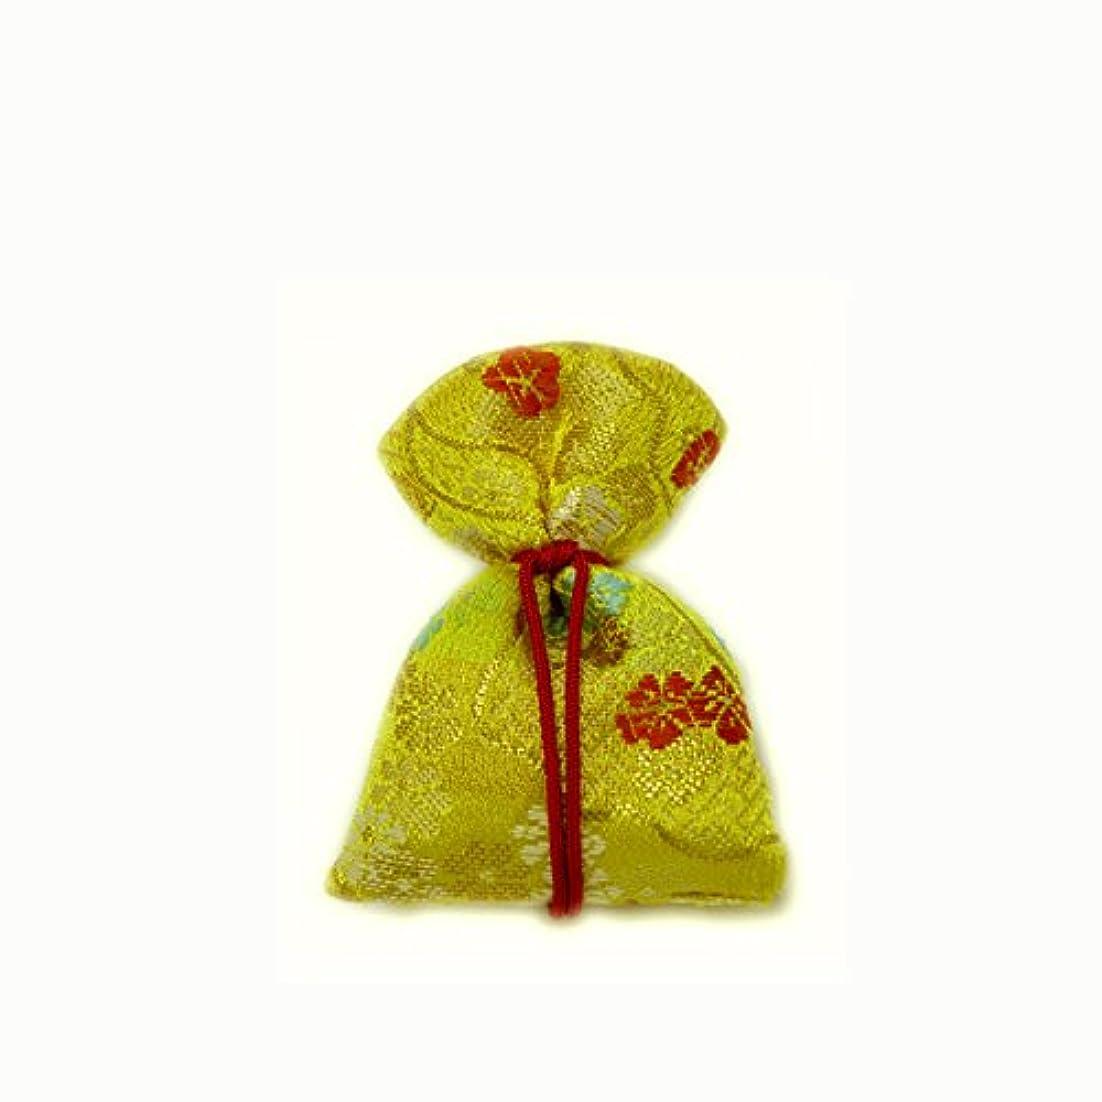 核アリ代表する匂袋 巾着 金襴中 黄系